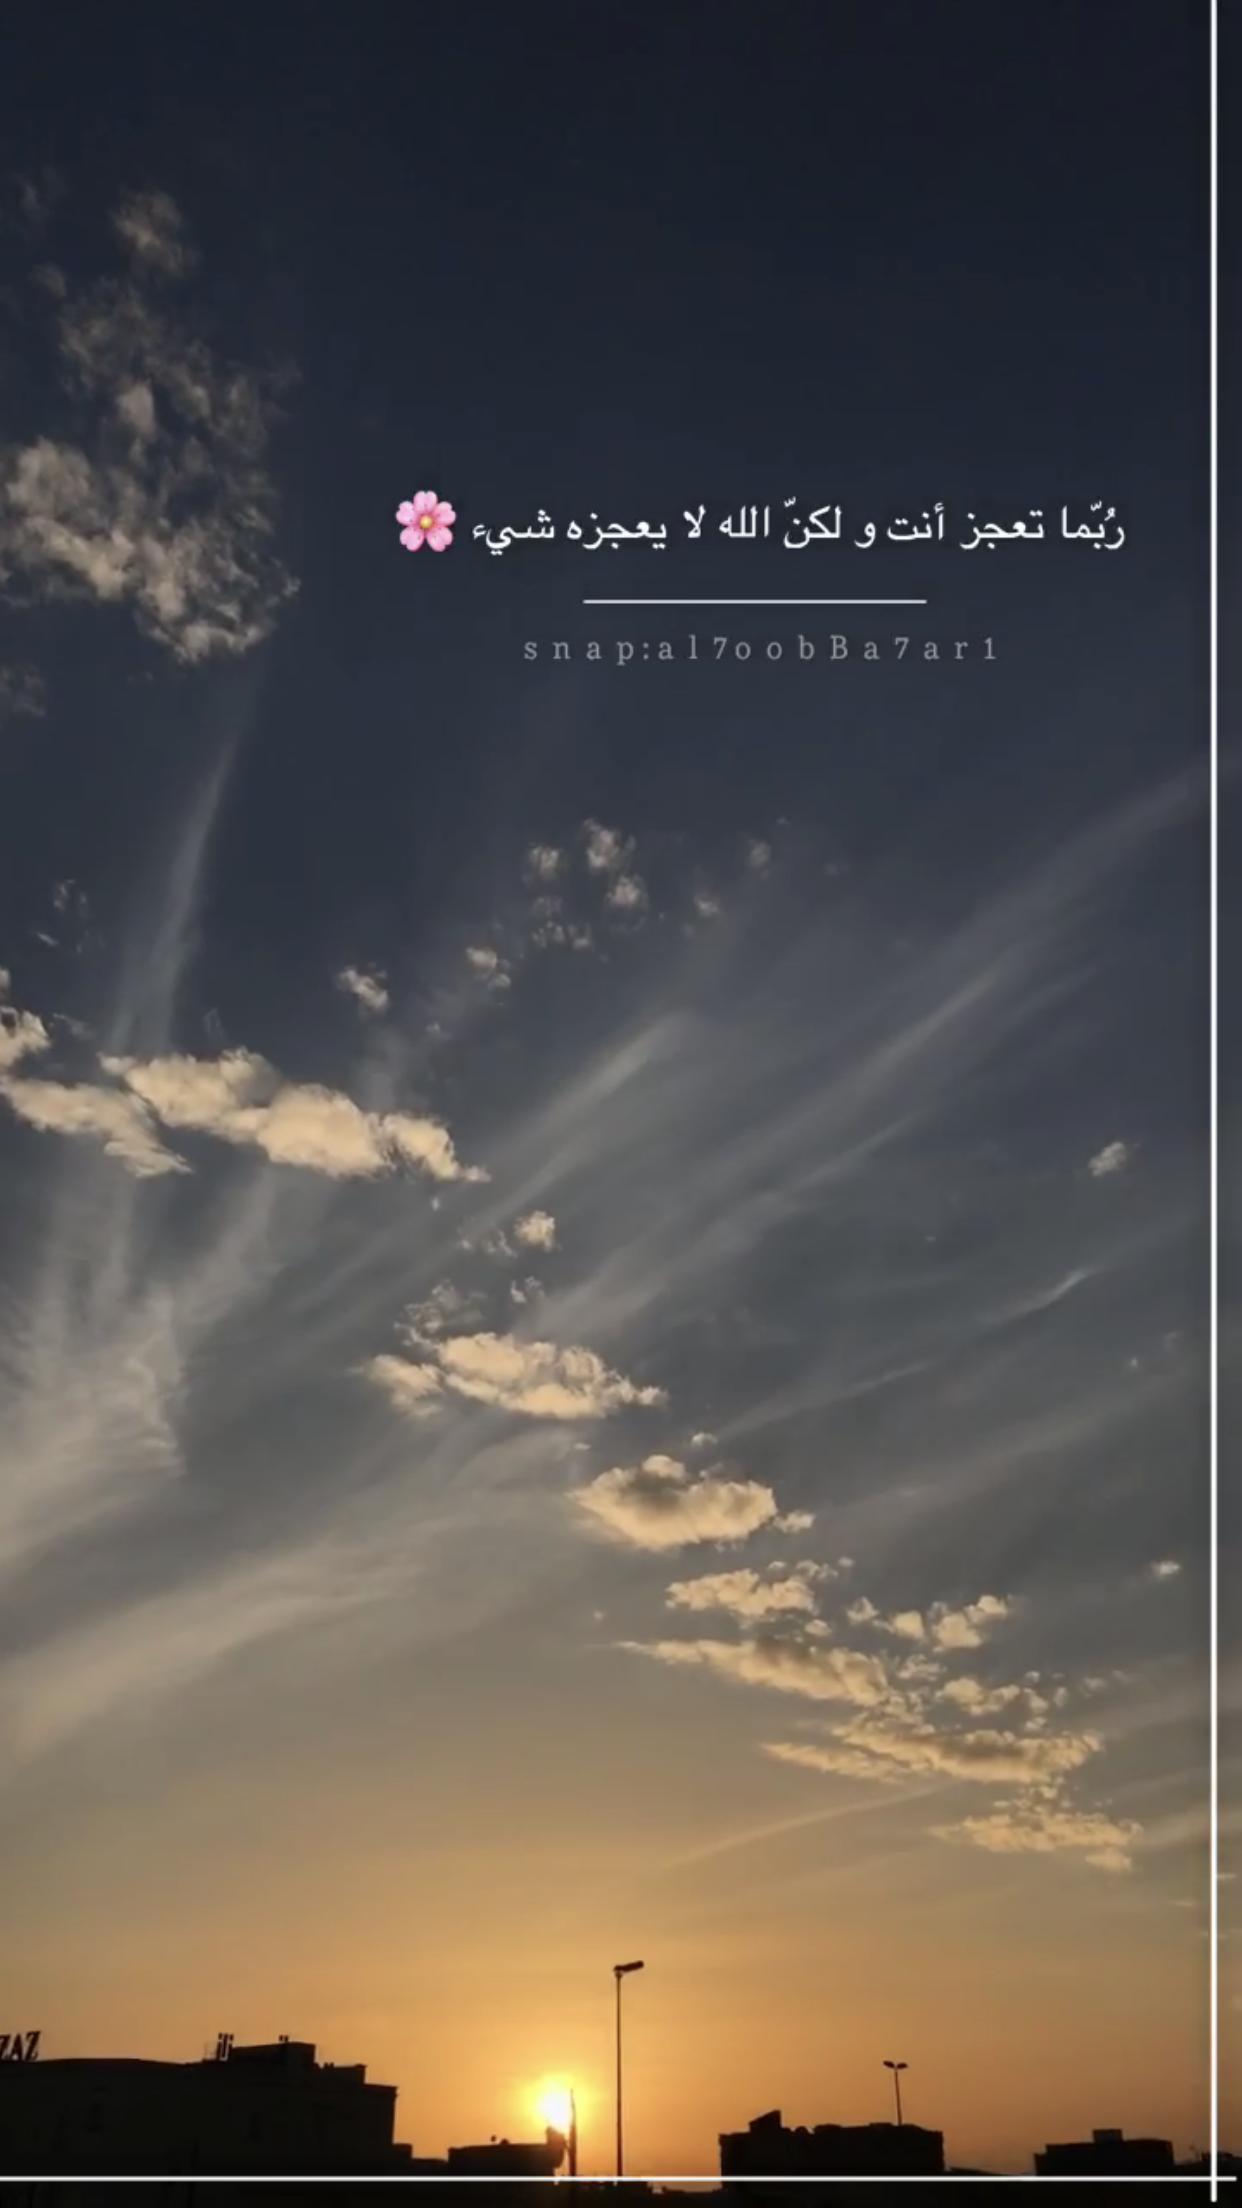 همسة ربما تعجز أنت ولكن الله لايعجزه شيء تصويري تصويري سناب تصميمي تصمي Cover Photo Quotes Beautiful Quran Quotes Quran Quotes Inspirational